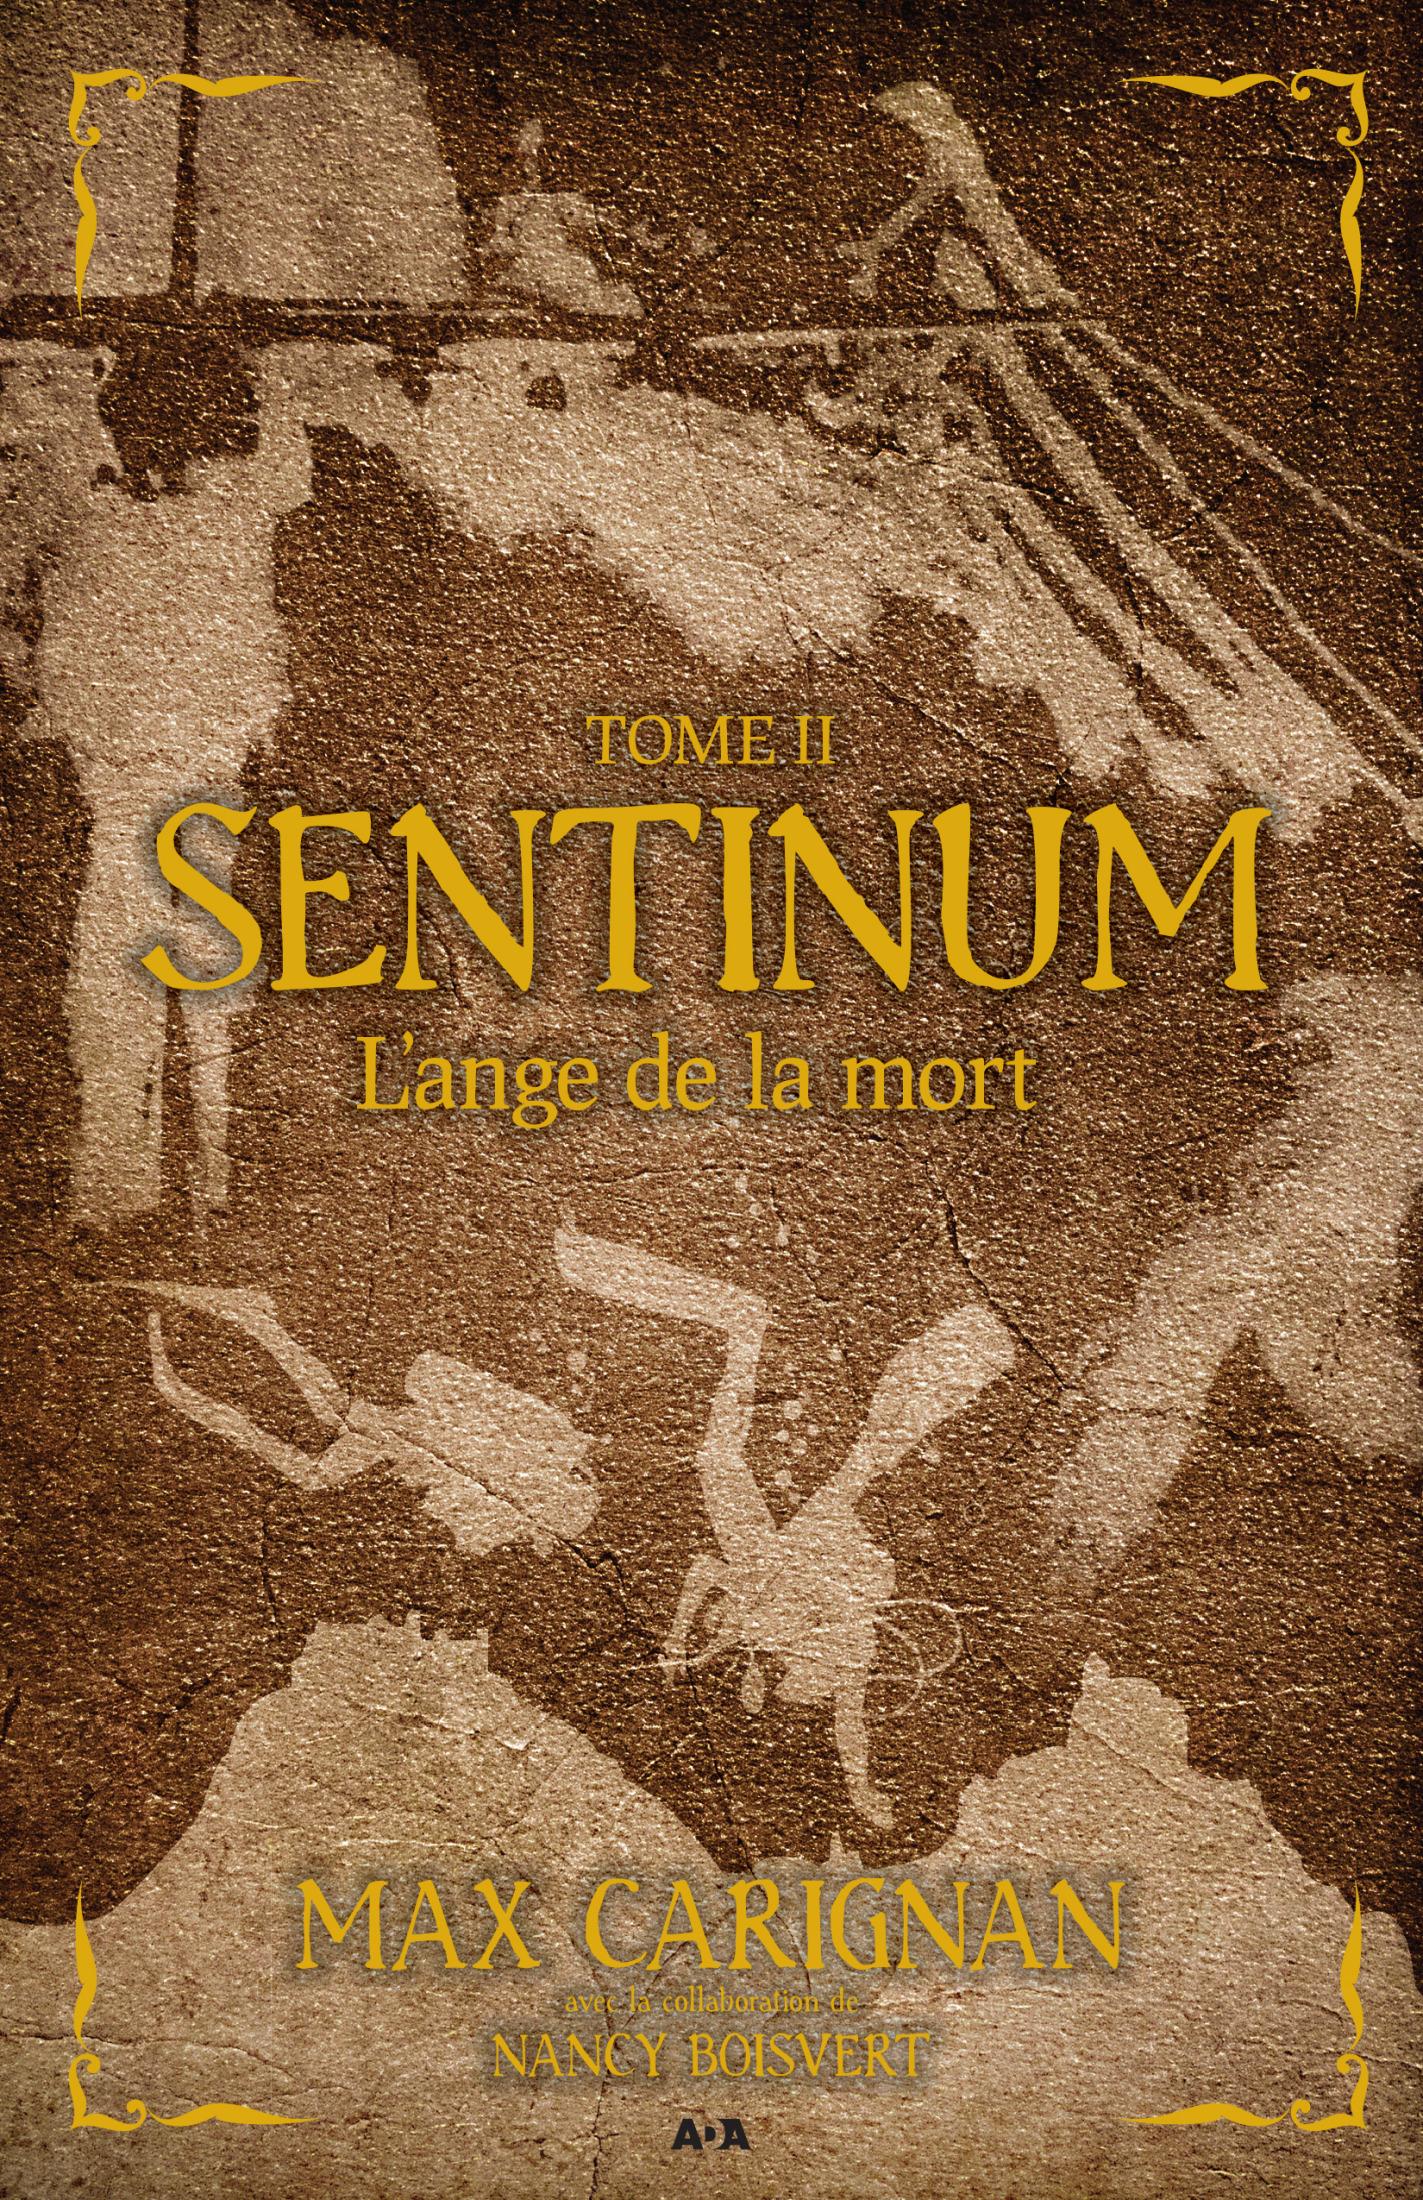 Sentinum, L'ange de la mort